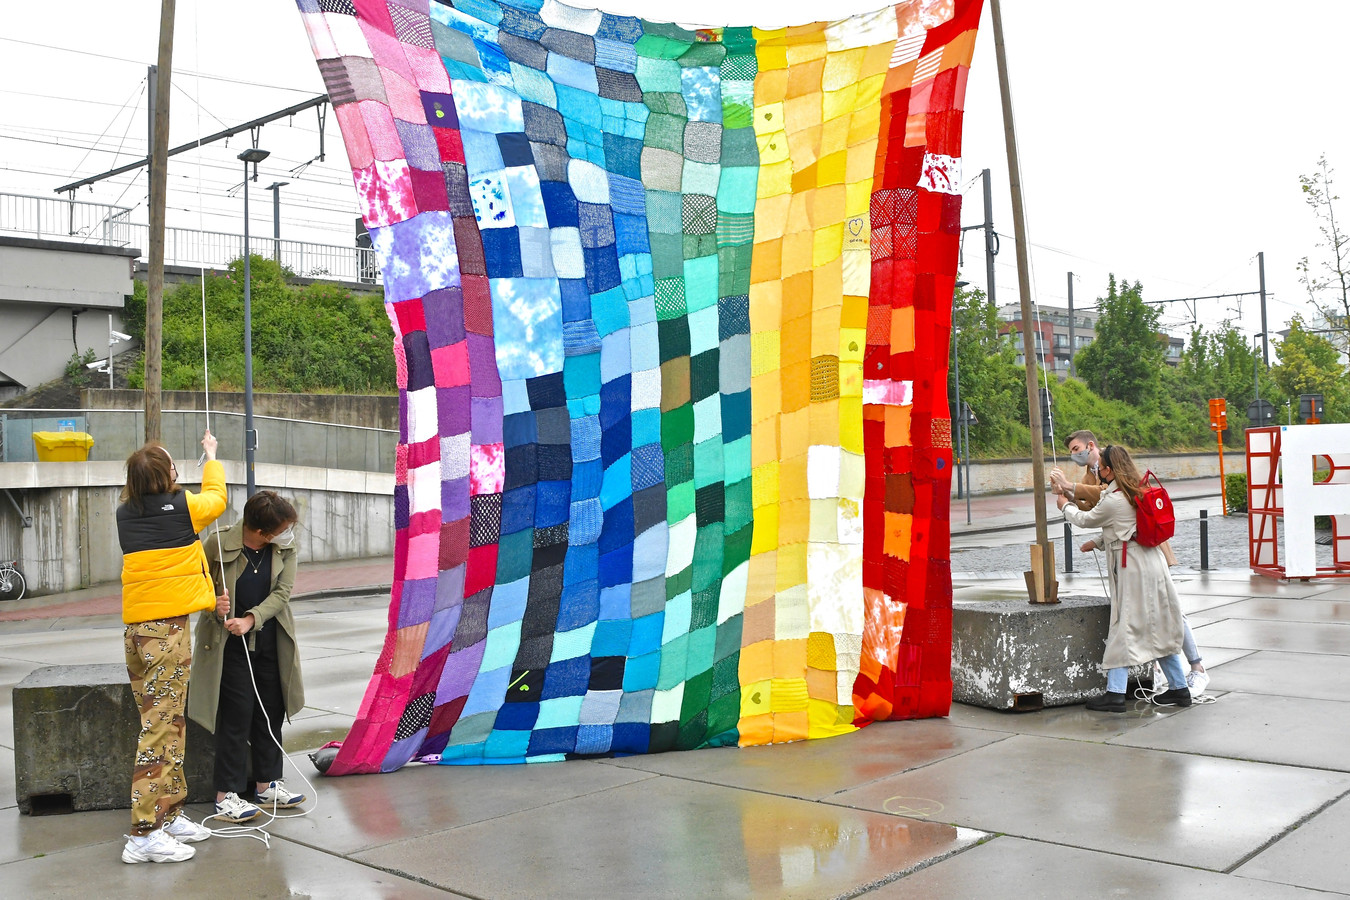 De regenboogvlag is heel de week te zien op het Stationsplein.